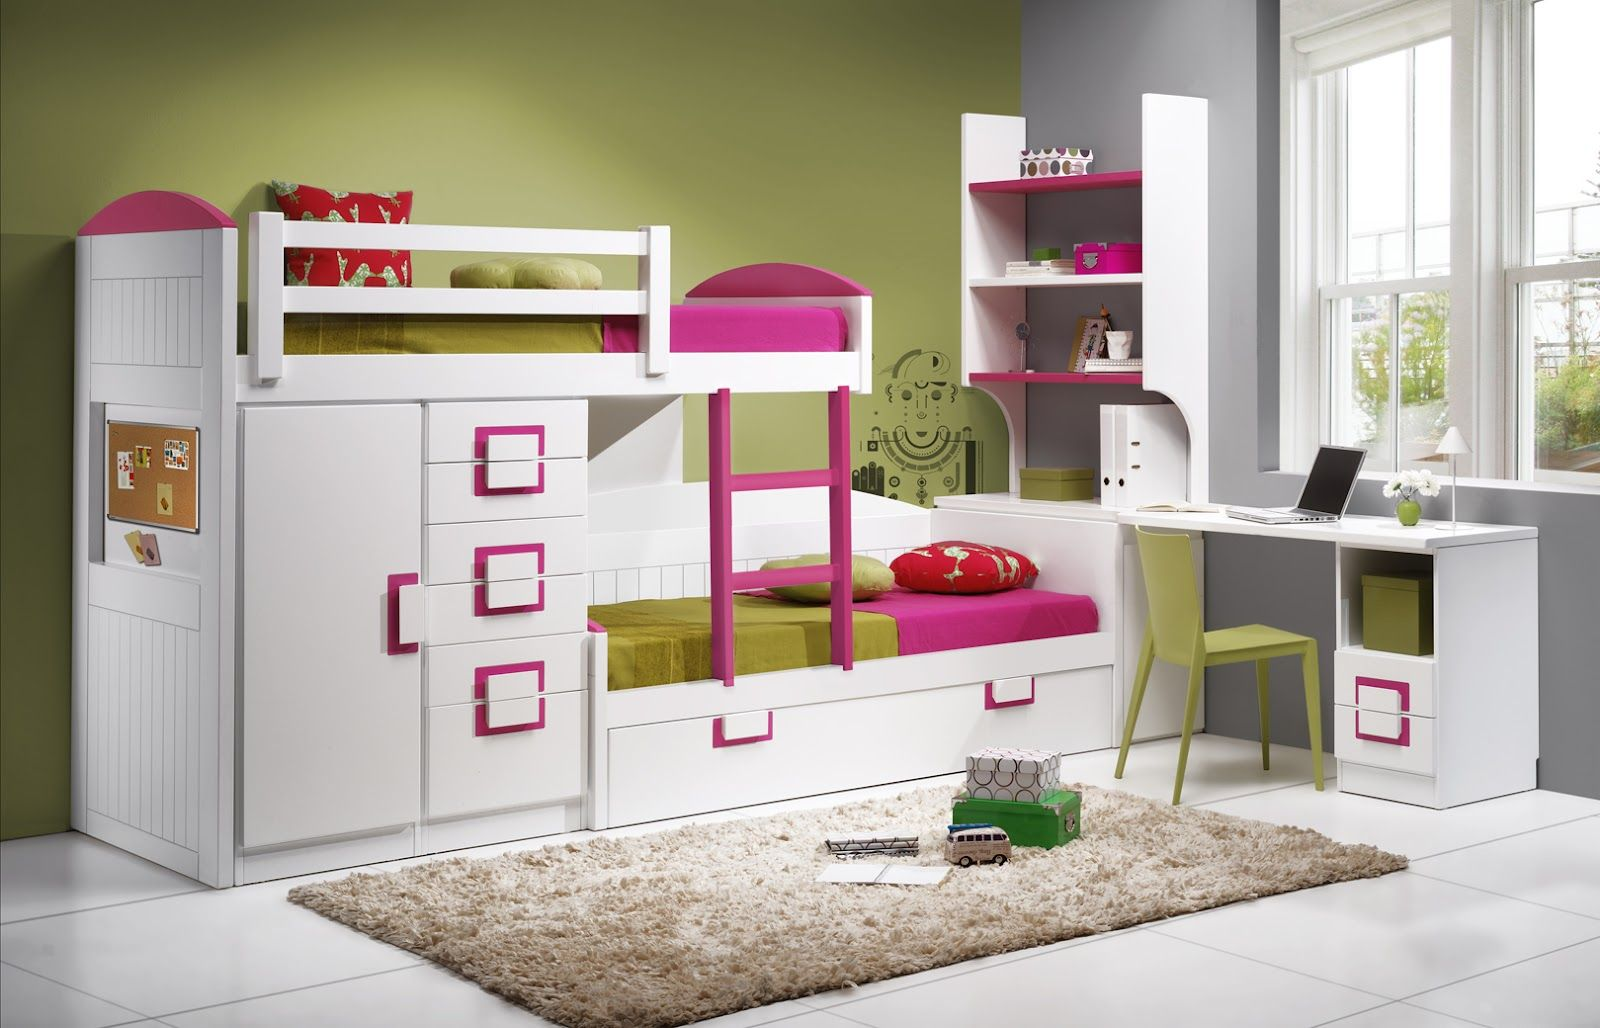 Tapetes que siempre combinan con todo habitaci n bebe pinterest tapetes literas juveniles - Catalogo habitaciones juveniles conforama ...